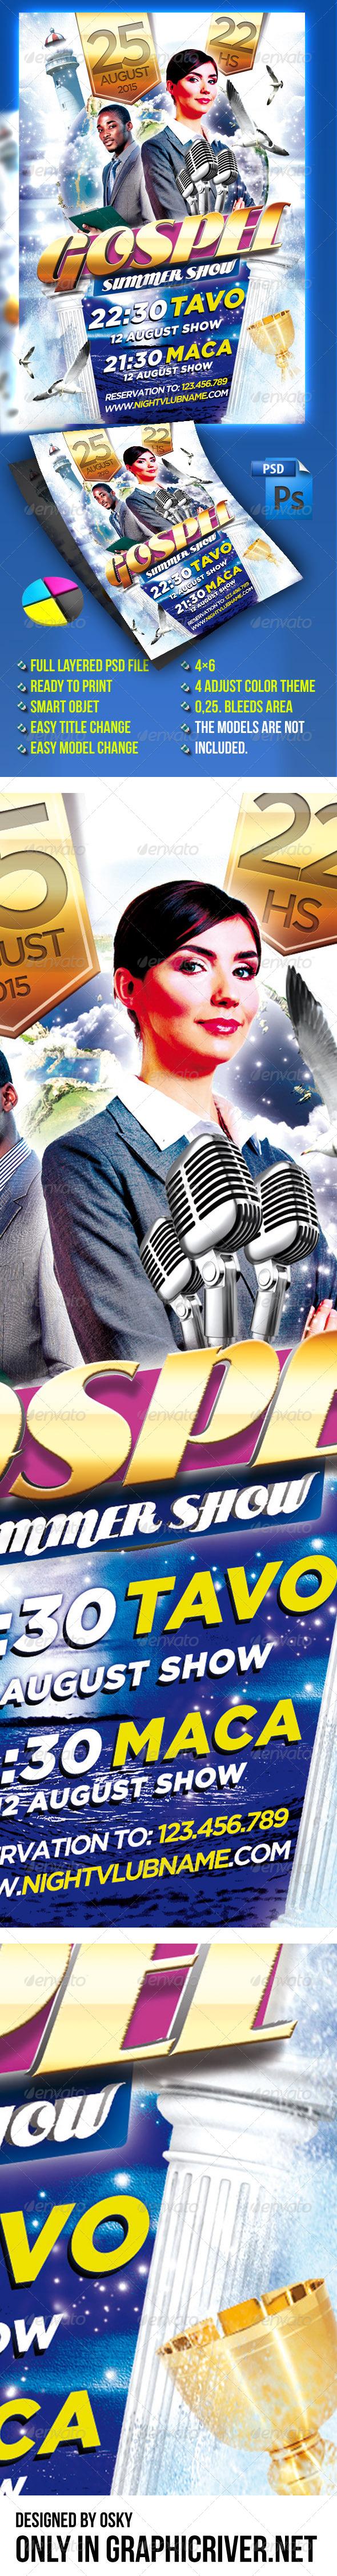 GraphicRiver Gospel Summer Show 4895099